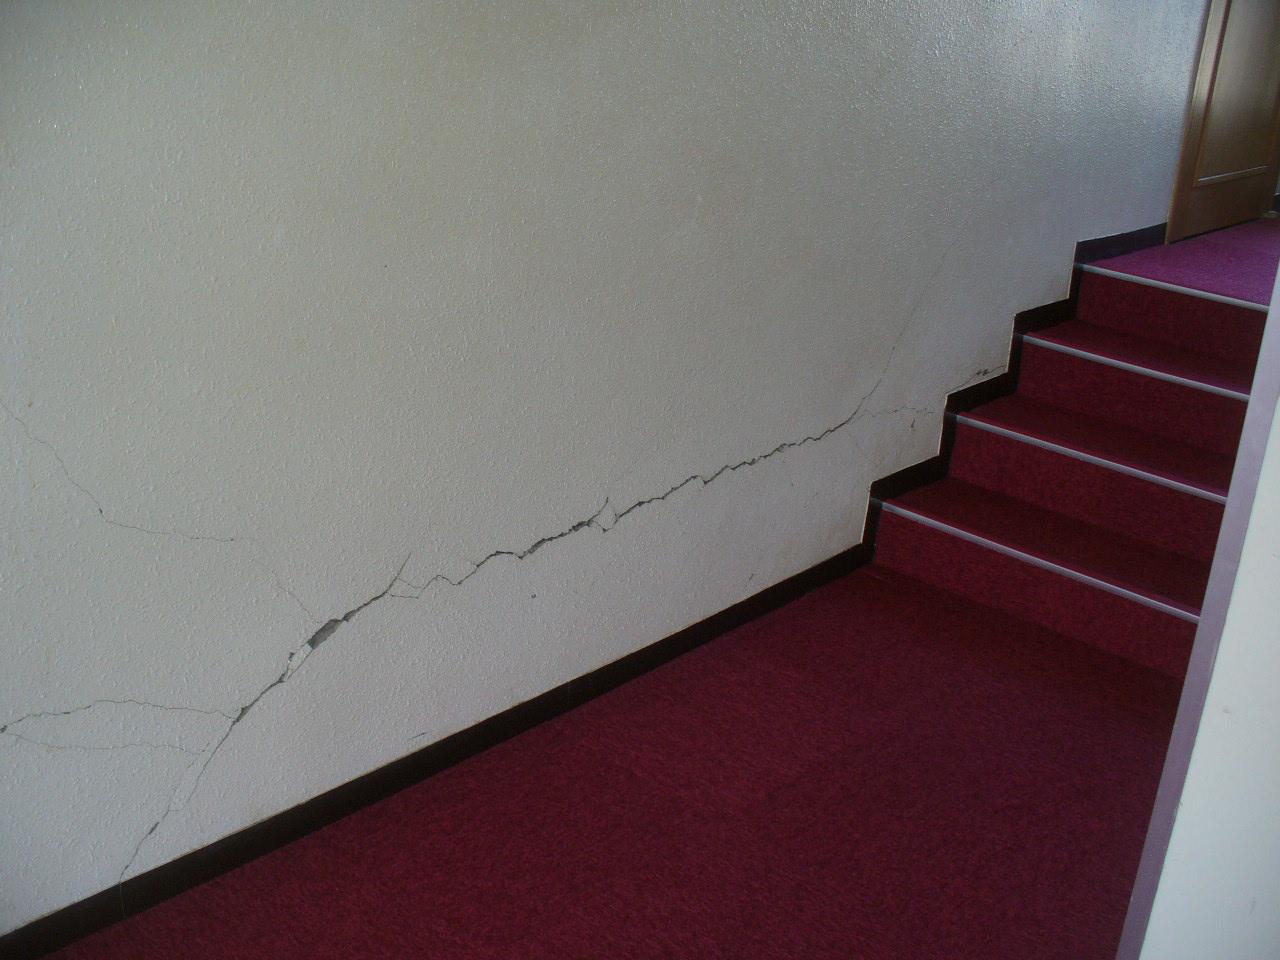 地震で壁にできたひび割れについて